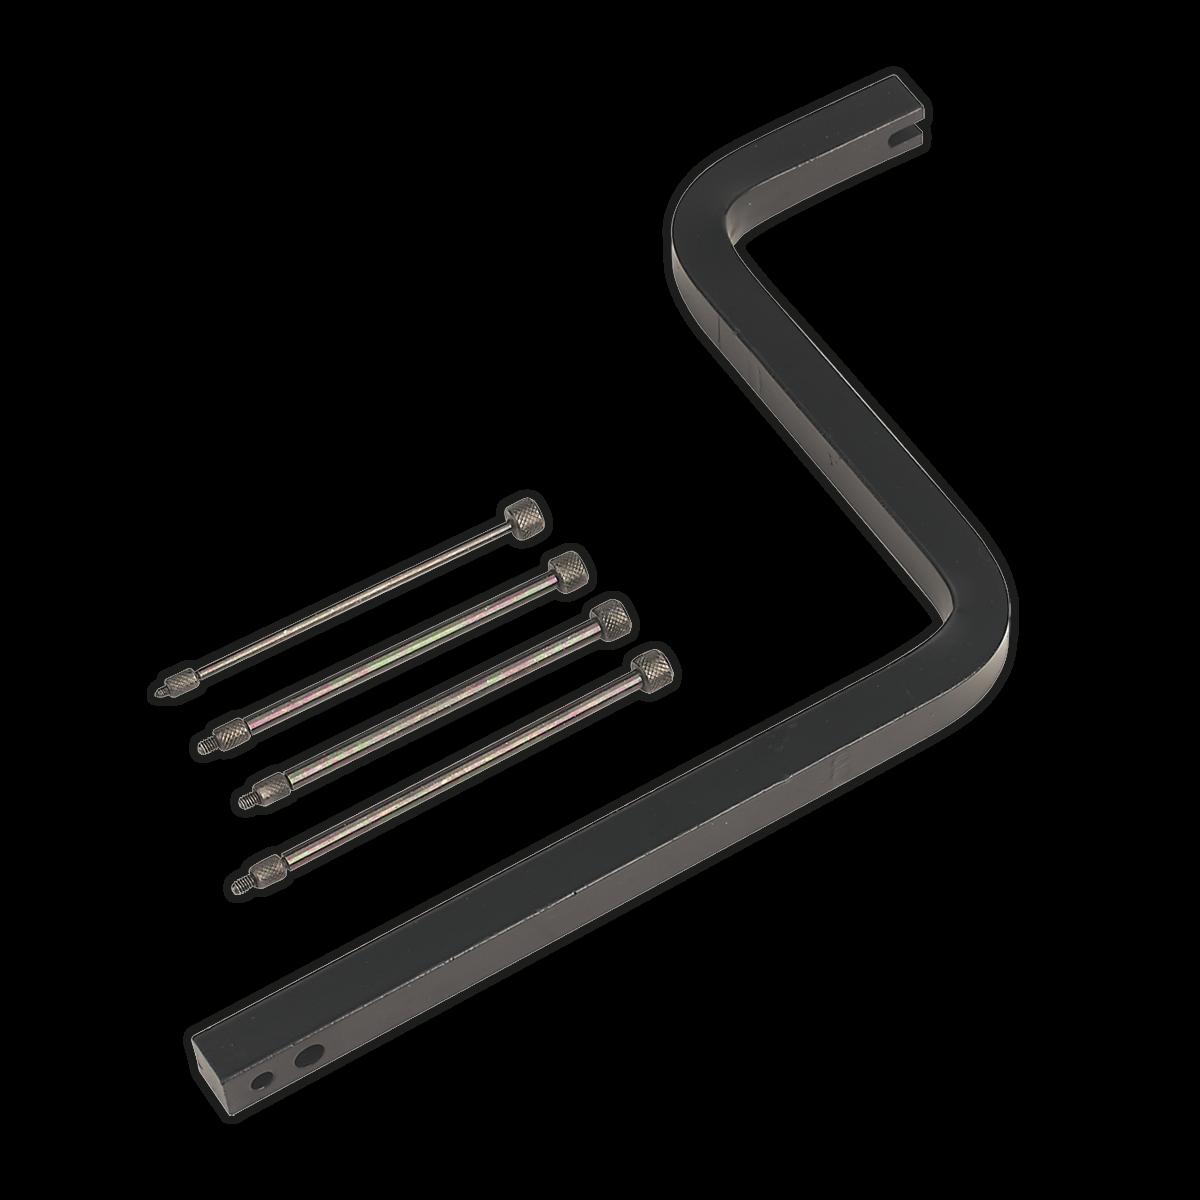 - Door Hinge-Pin Tool Set Heavy-Duty SEALEY VS803 by Sealey